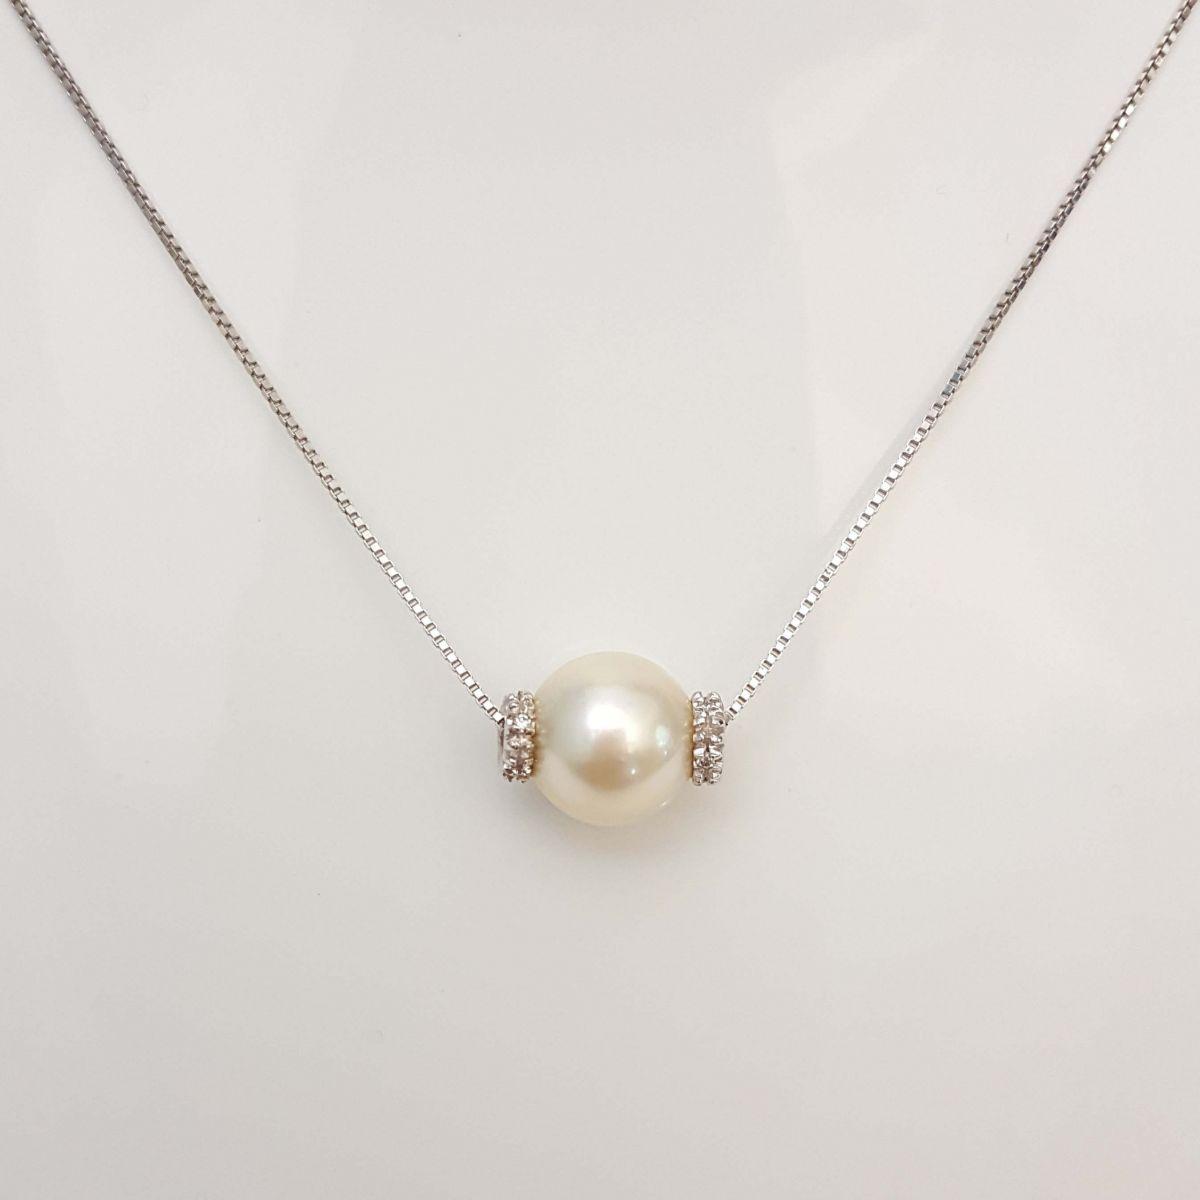 Collana Yukiko CL100 in Oro Bianco con Perla e Diamanti